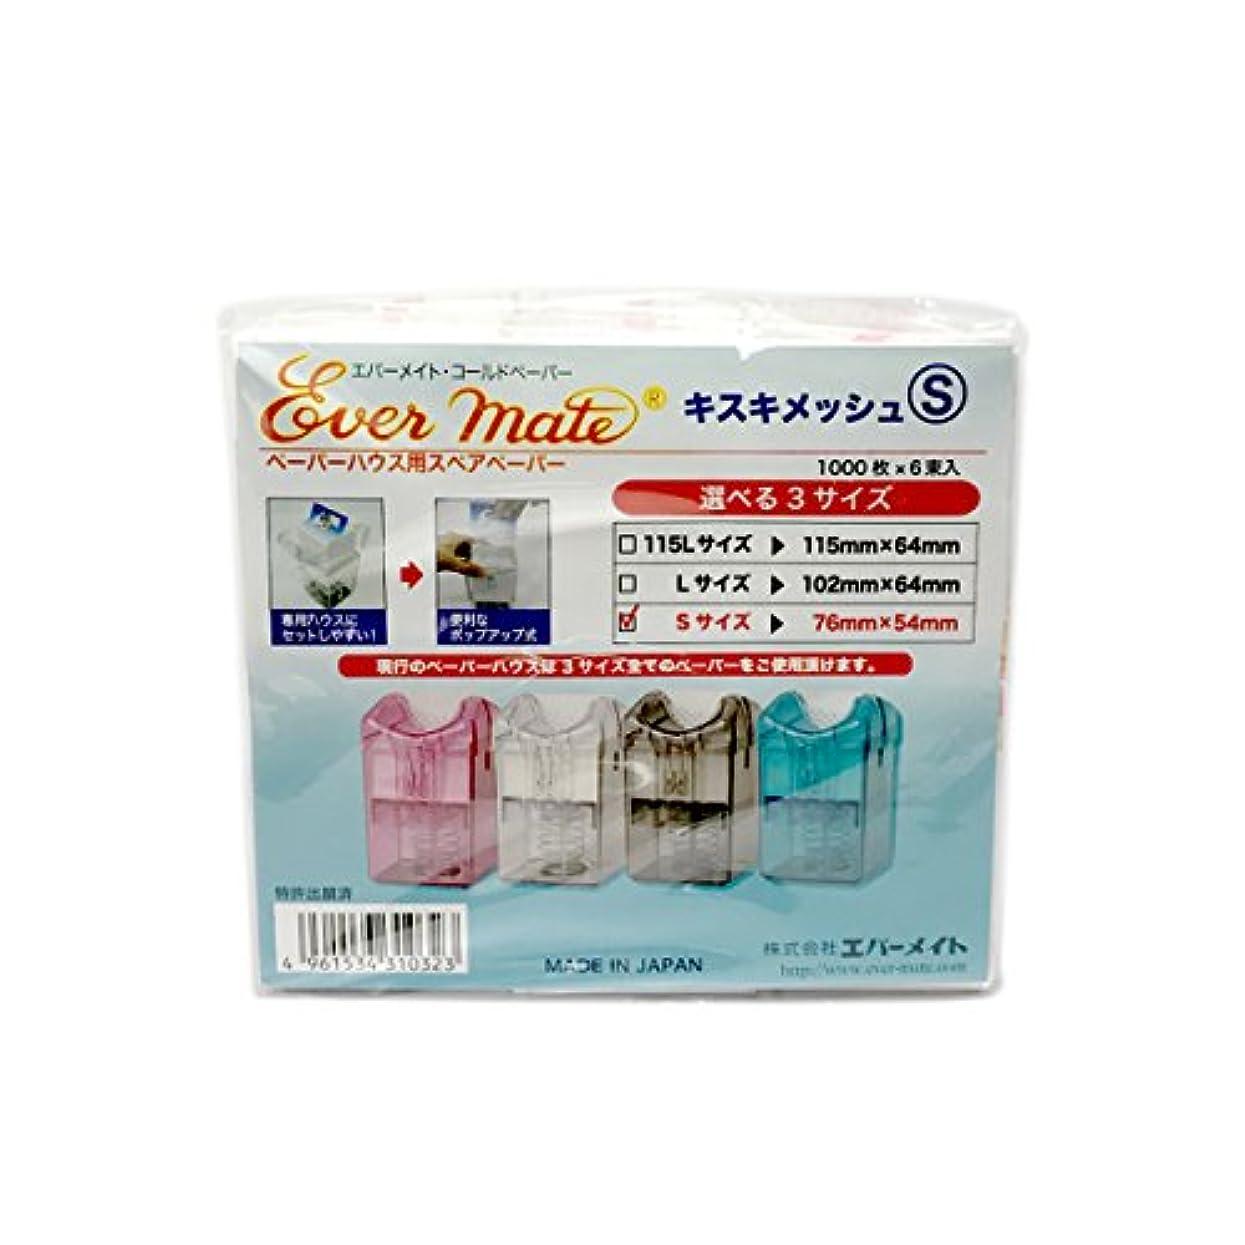 放置マーチャンダイザー液体米正 ペーパーハウス用スペアペーパー みさらしキスキメッシュ ショートサイズ 1000枚入×6束